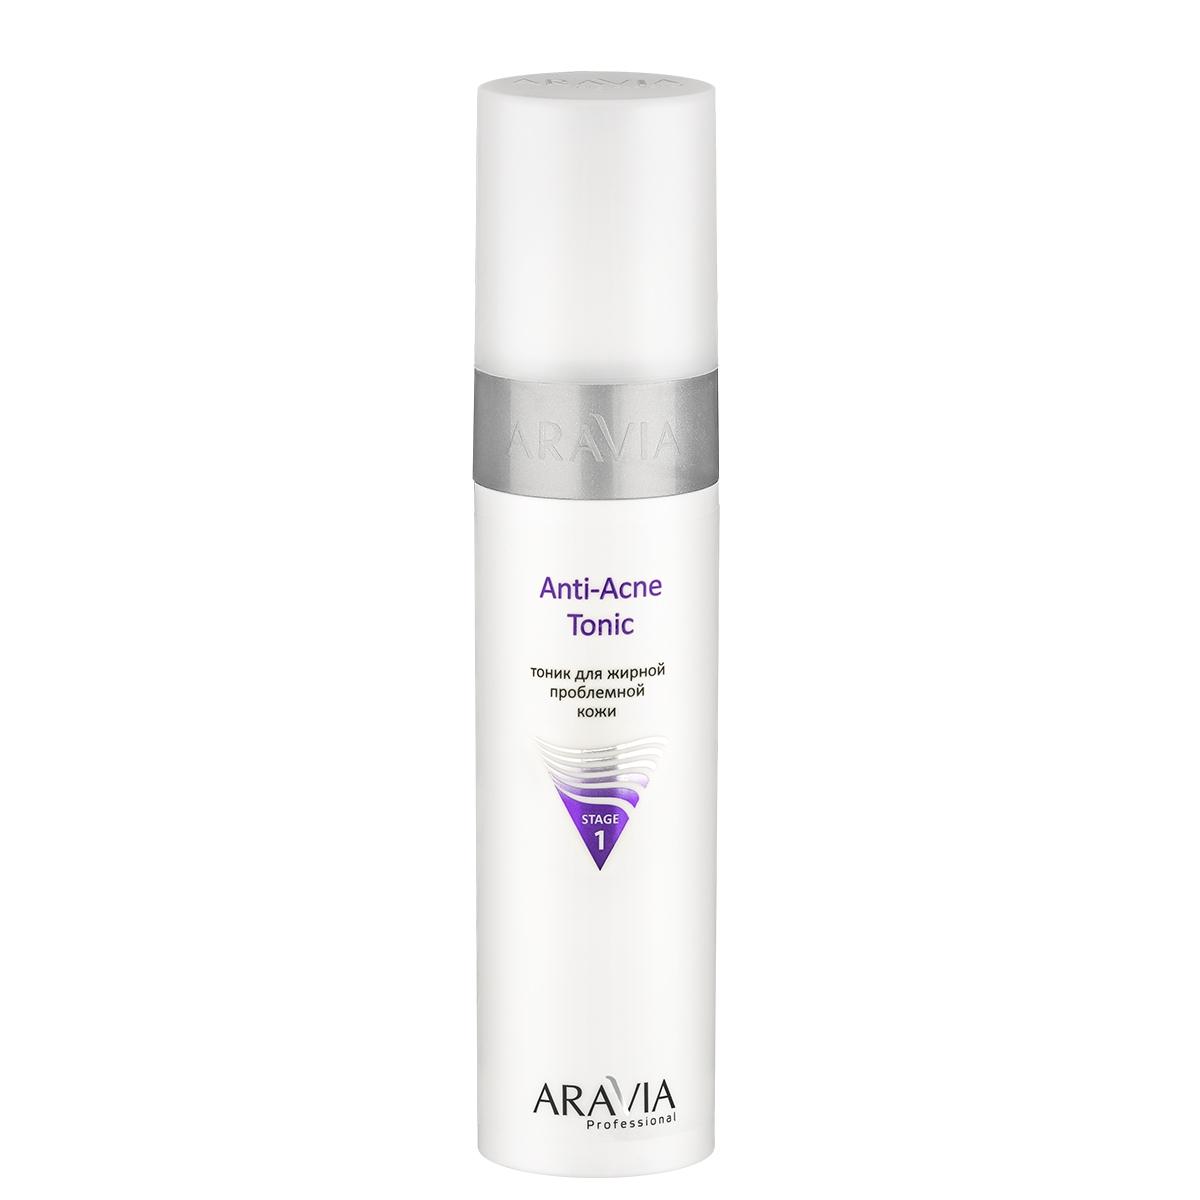 ARAVIA Тоник для жирной проблемной кожи Anti-Acne Tonic, 250 мл масло для проблемной кожи псораведика